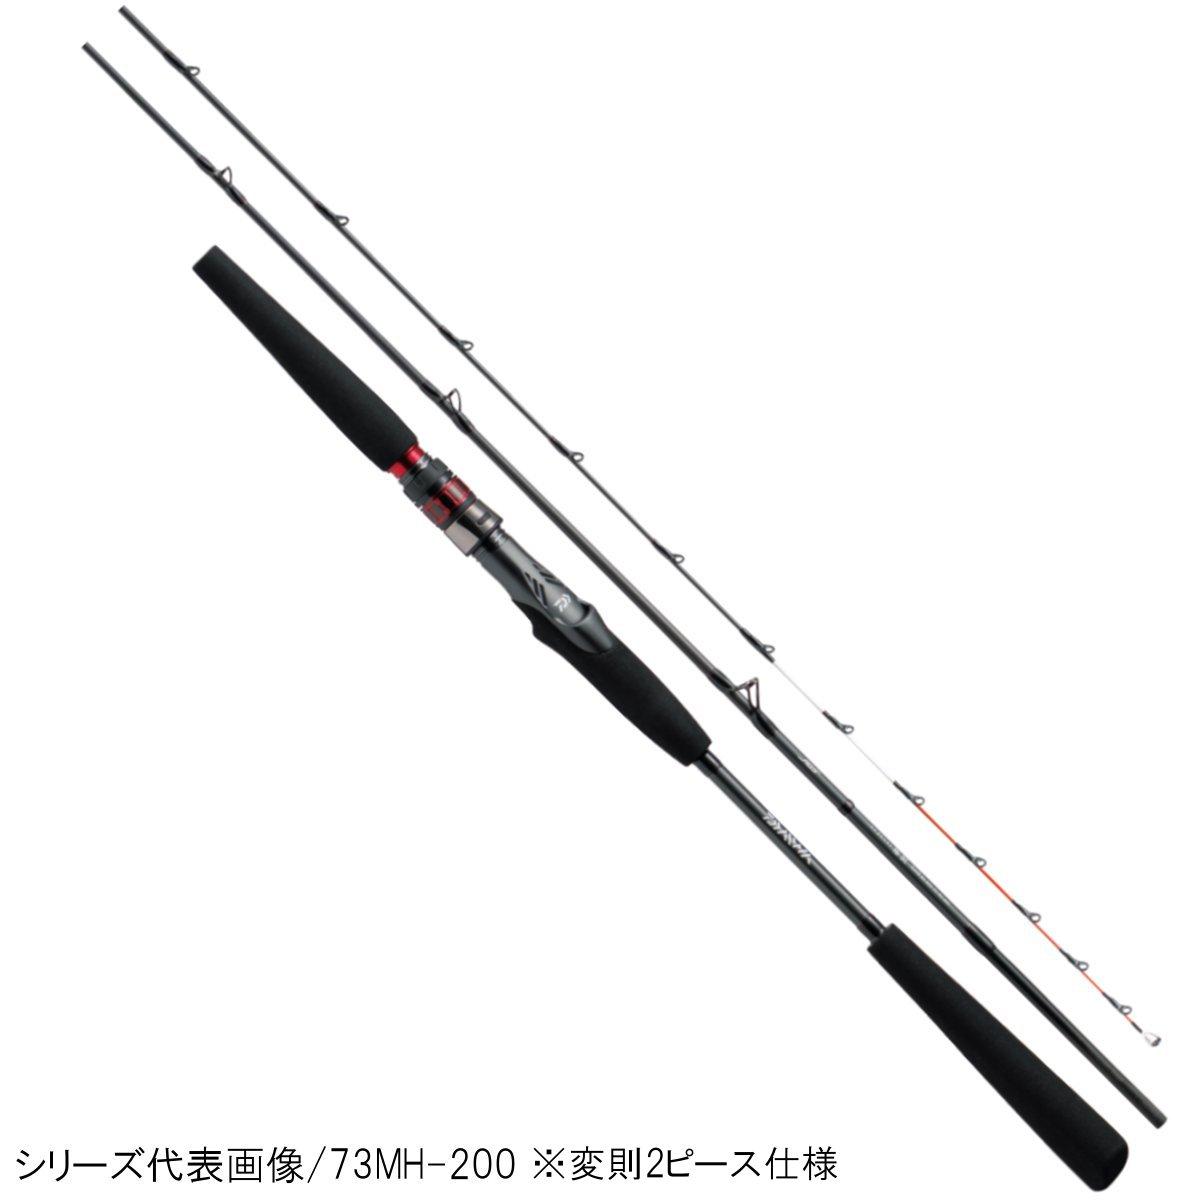 ダイワ 極鋭ゲーム EX AGS 73MH-230【大型商品】